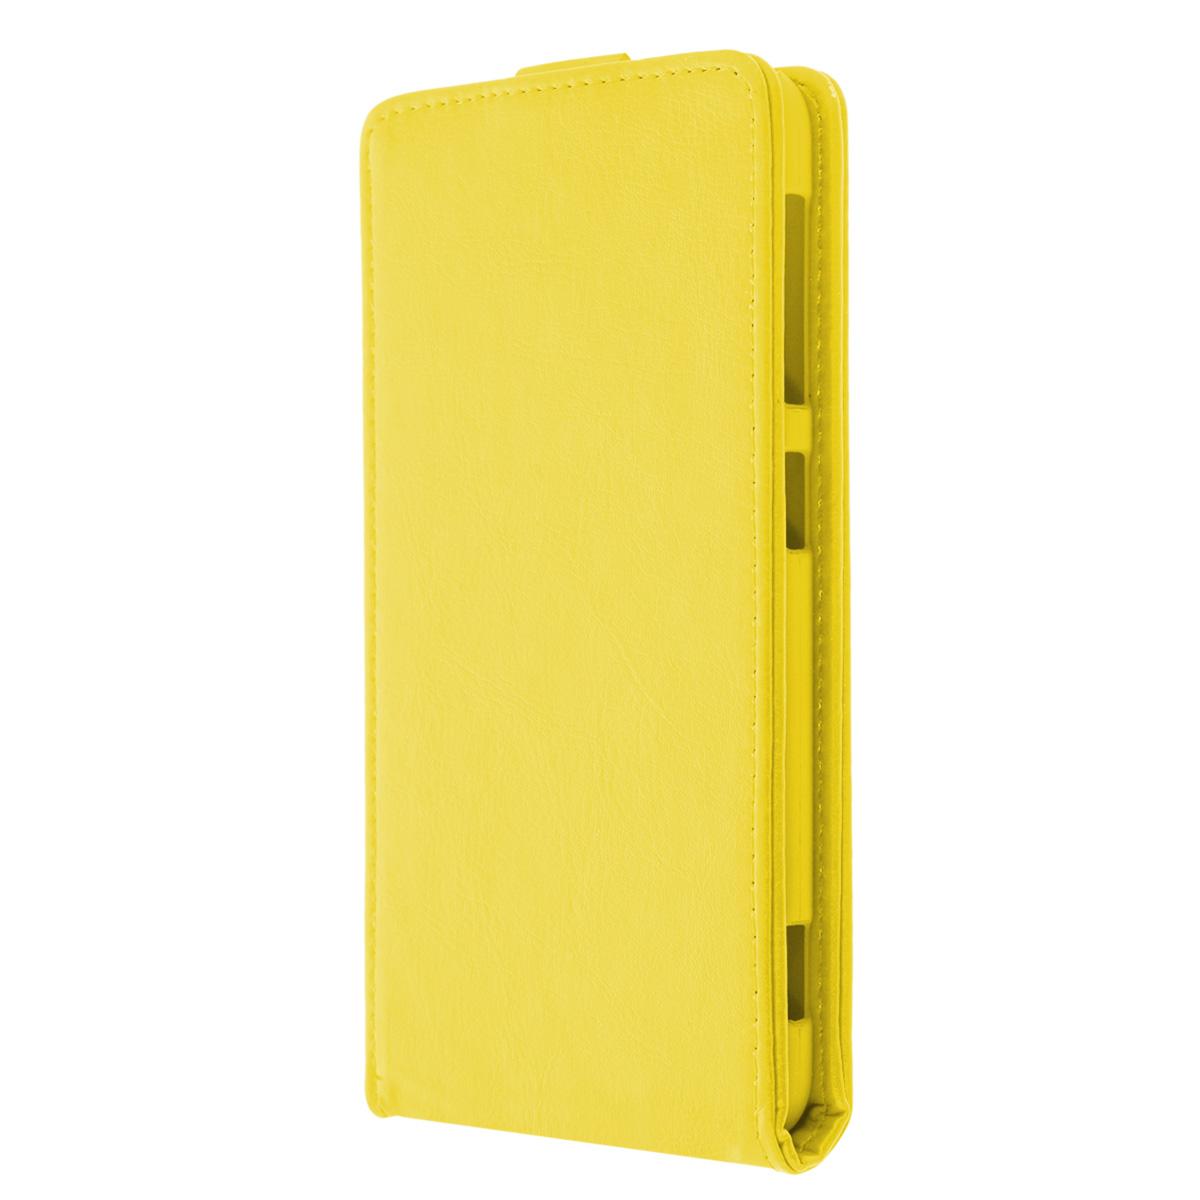 Skinbox Flip Case чехол для HTC Desire Eye, YellowT-F-HDEYEЧехол Skinbox Flip Case выполнен из высококачественного поликарбоната и экокожи. Он надежно защитит ваше устройство от пыли, влаги и механических повреждений. Обеспечивает свободный доступ ко всем разъемам и клавишам смартфона.